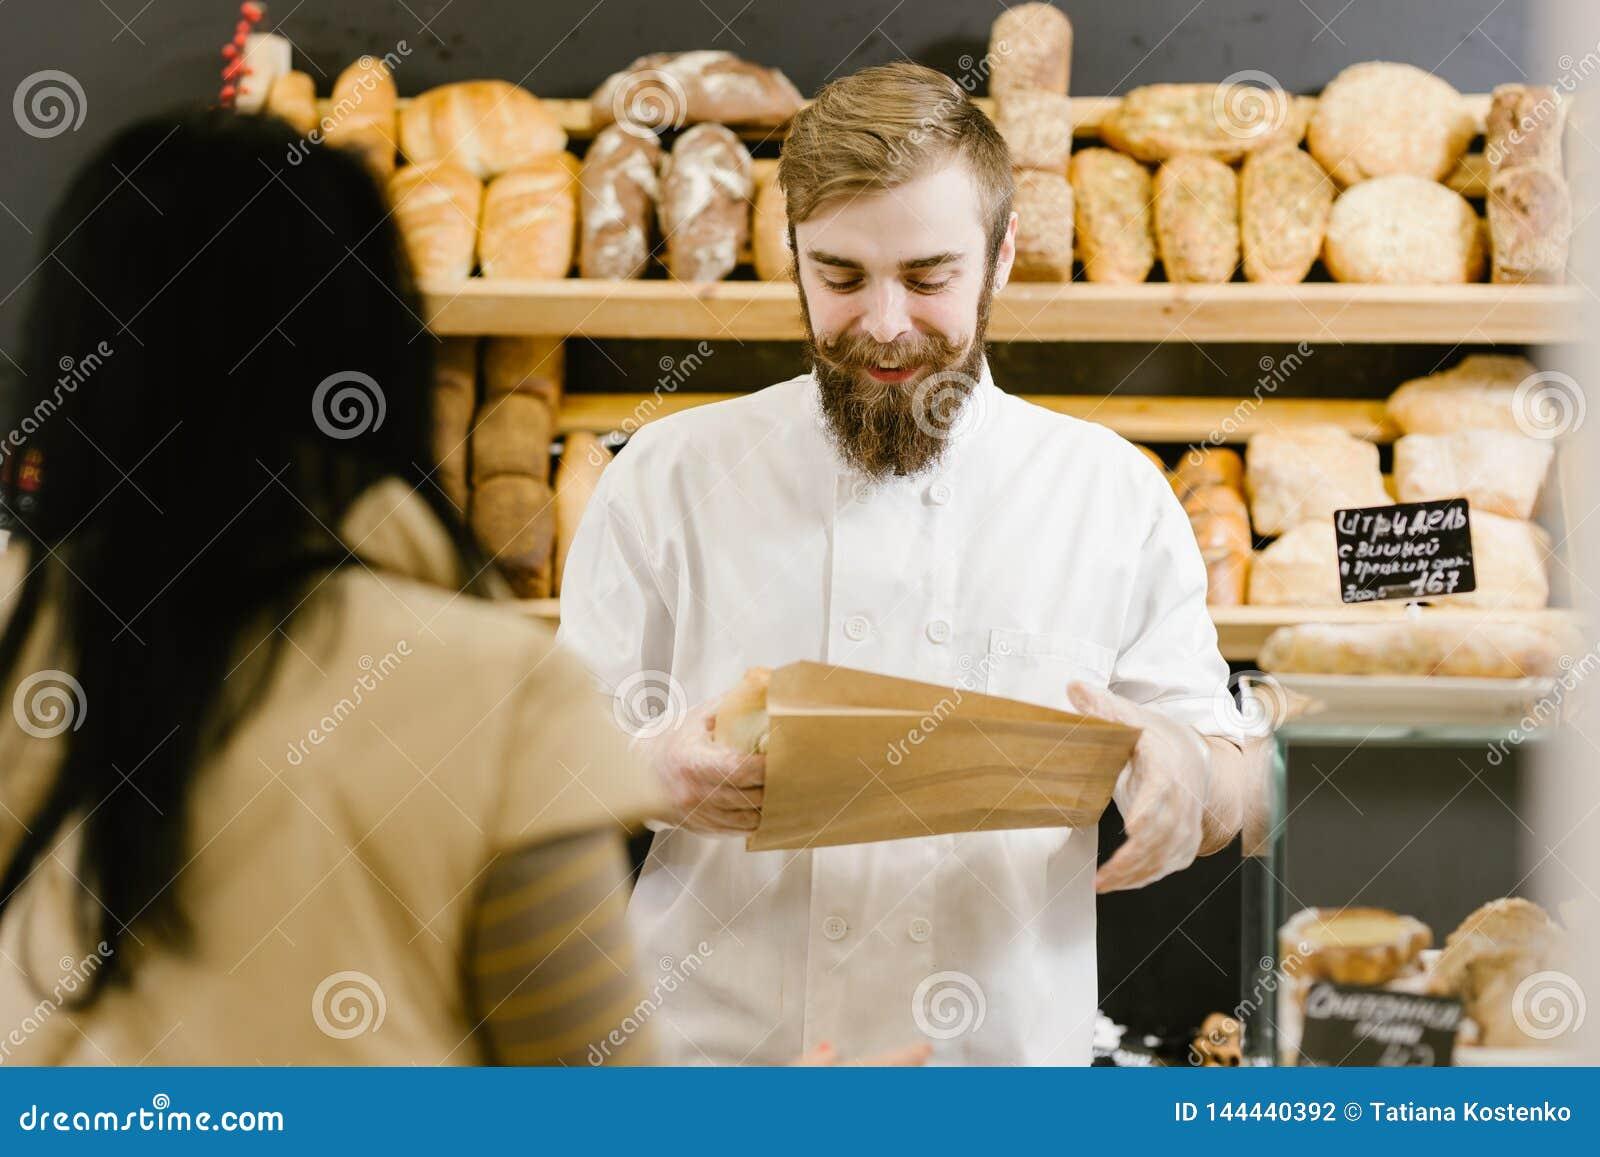 De charismatische bakker met een baard en een snor geeft een document zak brood aan de klant in de bakkerij